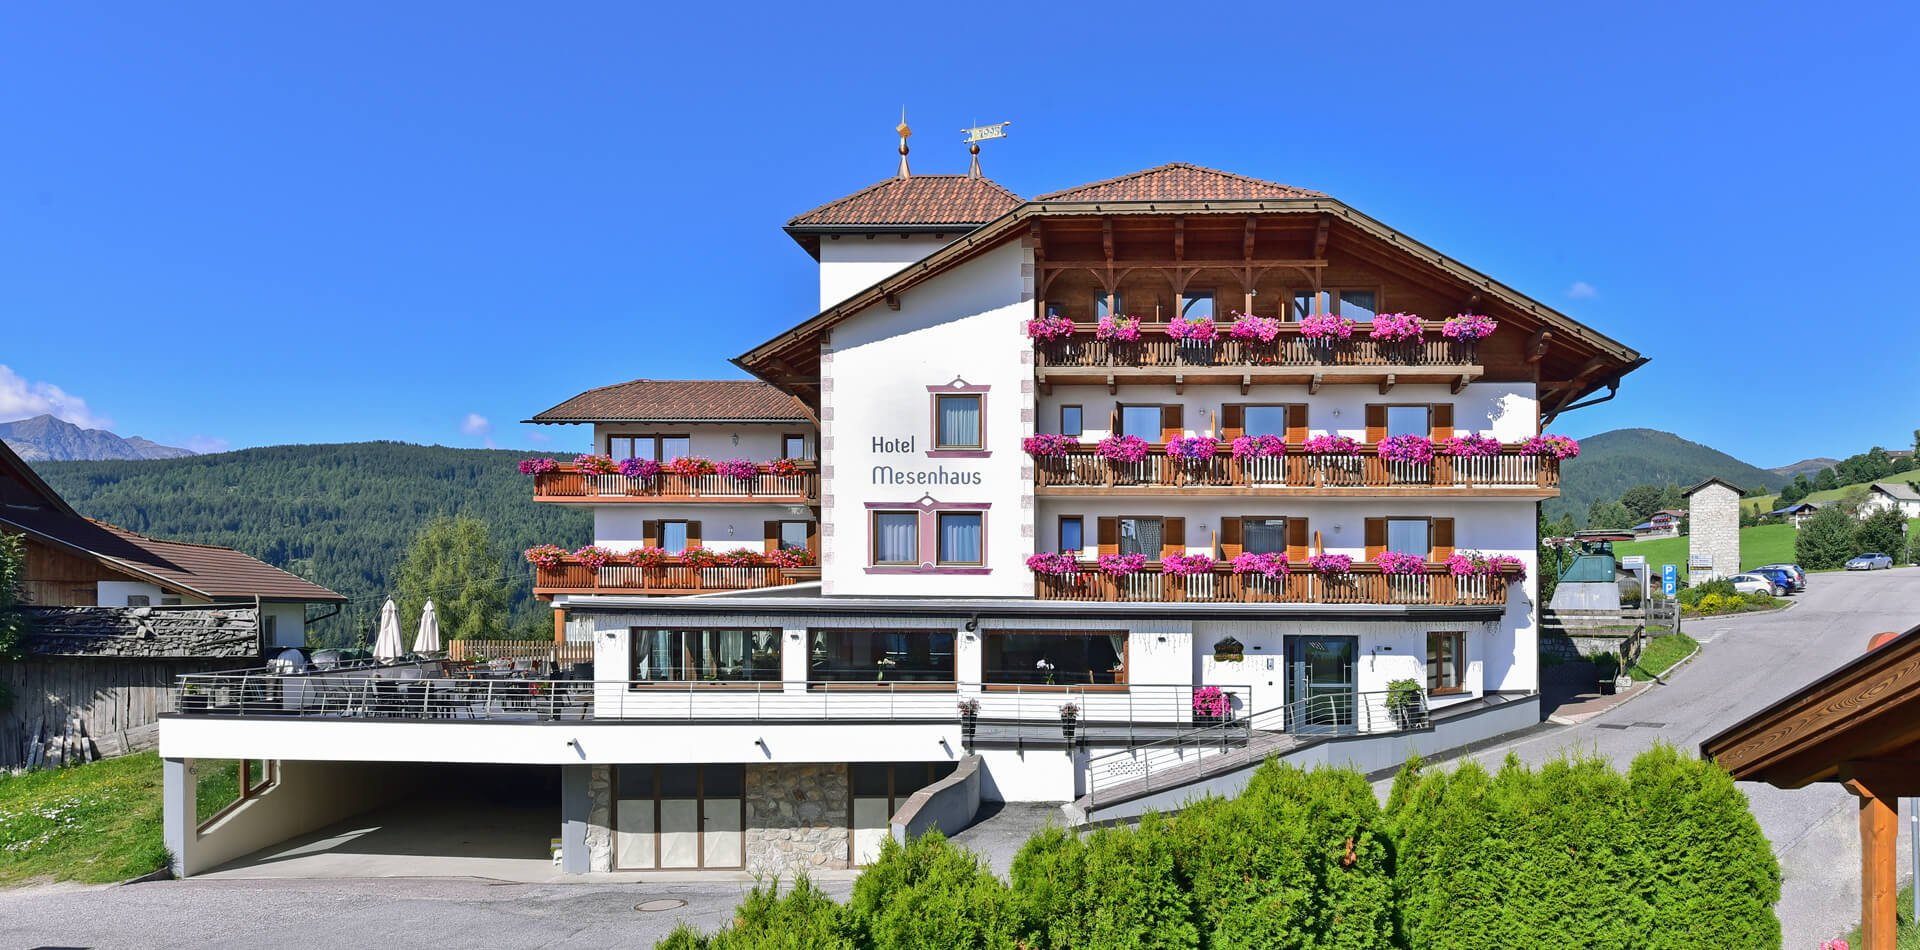 hotel mesenhaus in meransen